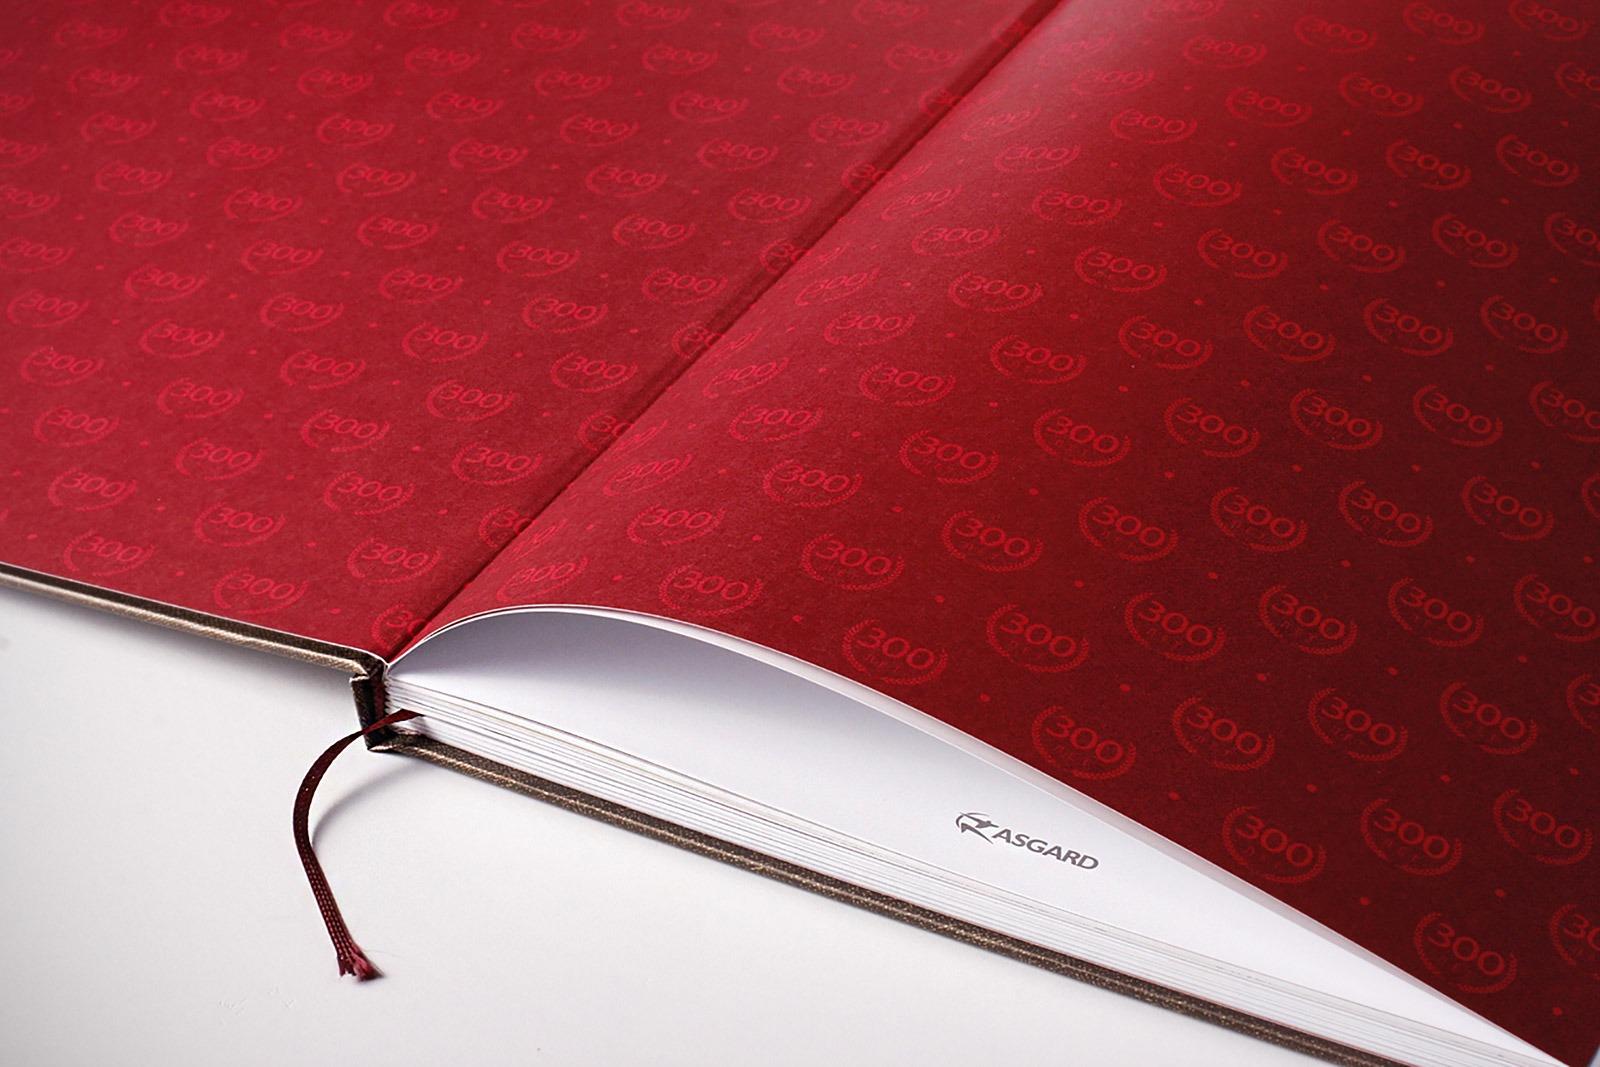 Красный форзац, endpaper, flyleaf, red book, юбилейная книга, jubilee book, Asgard Branding